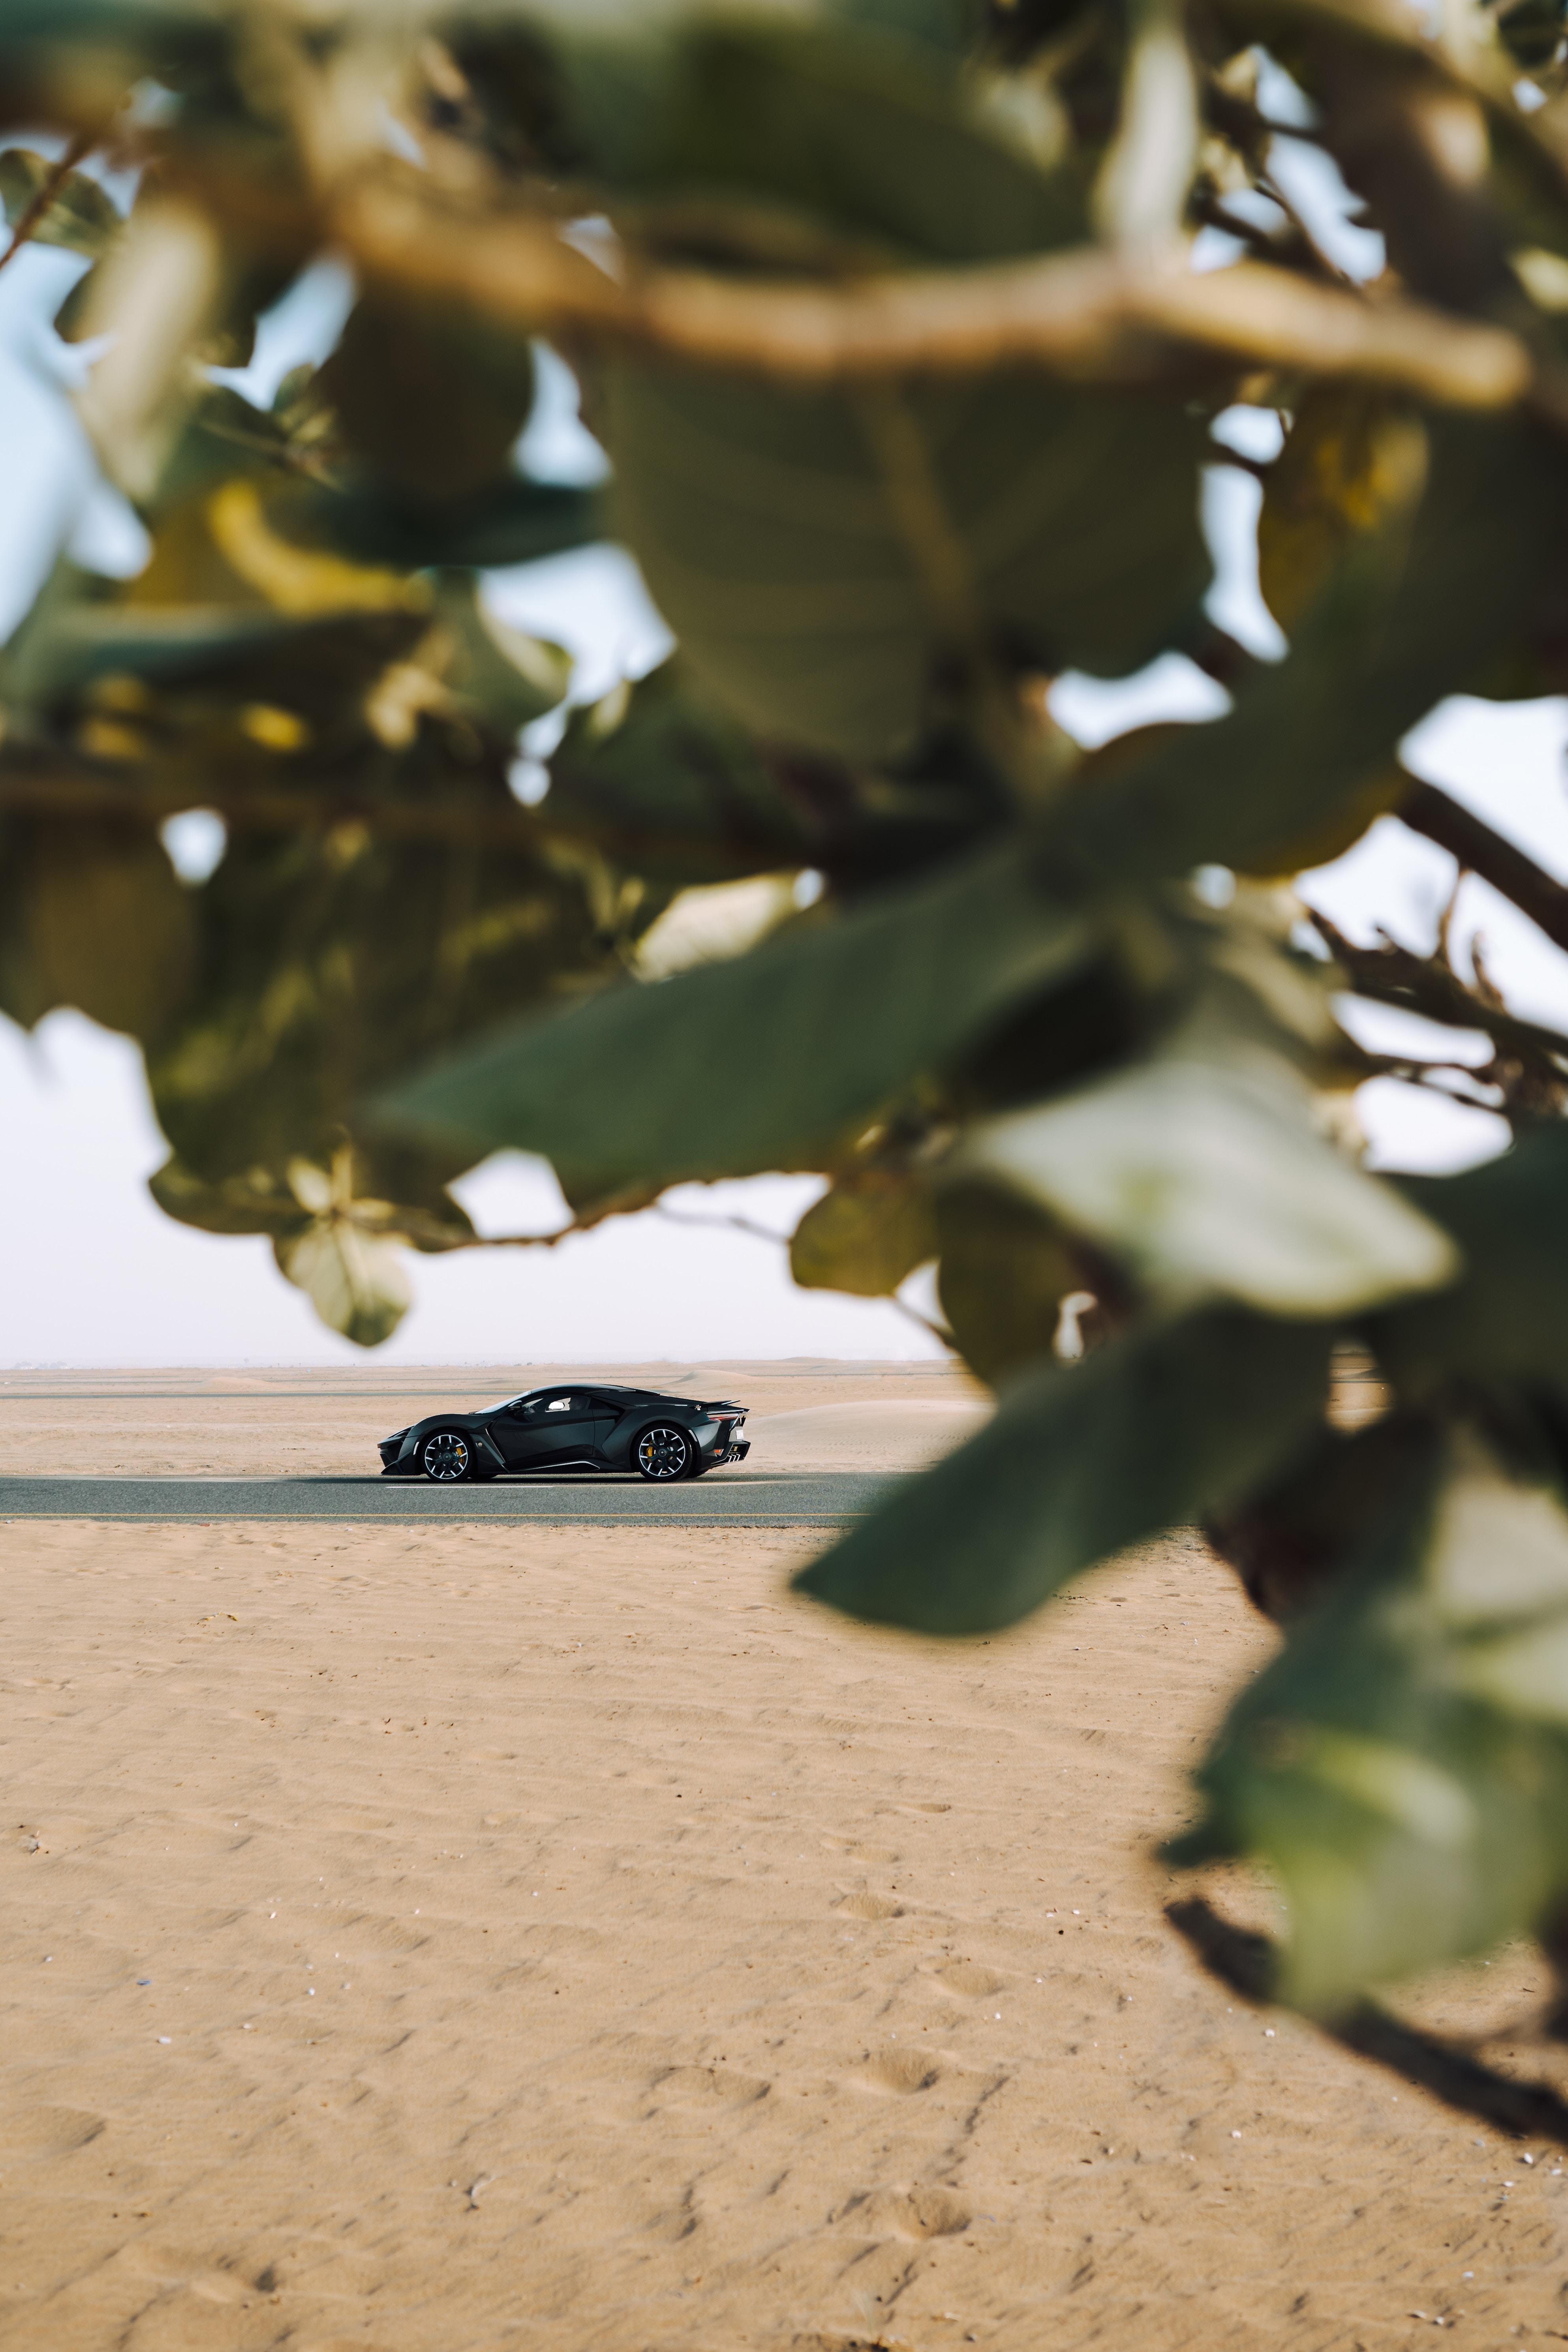 63839 Заставки и Обои Автомобиль на телефон. Скачать Автомобиль, Листья, Песок, Тачки (Cars), Ветки, Спорткар картинки бесплатно